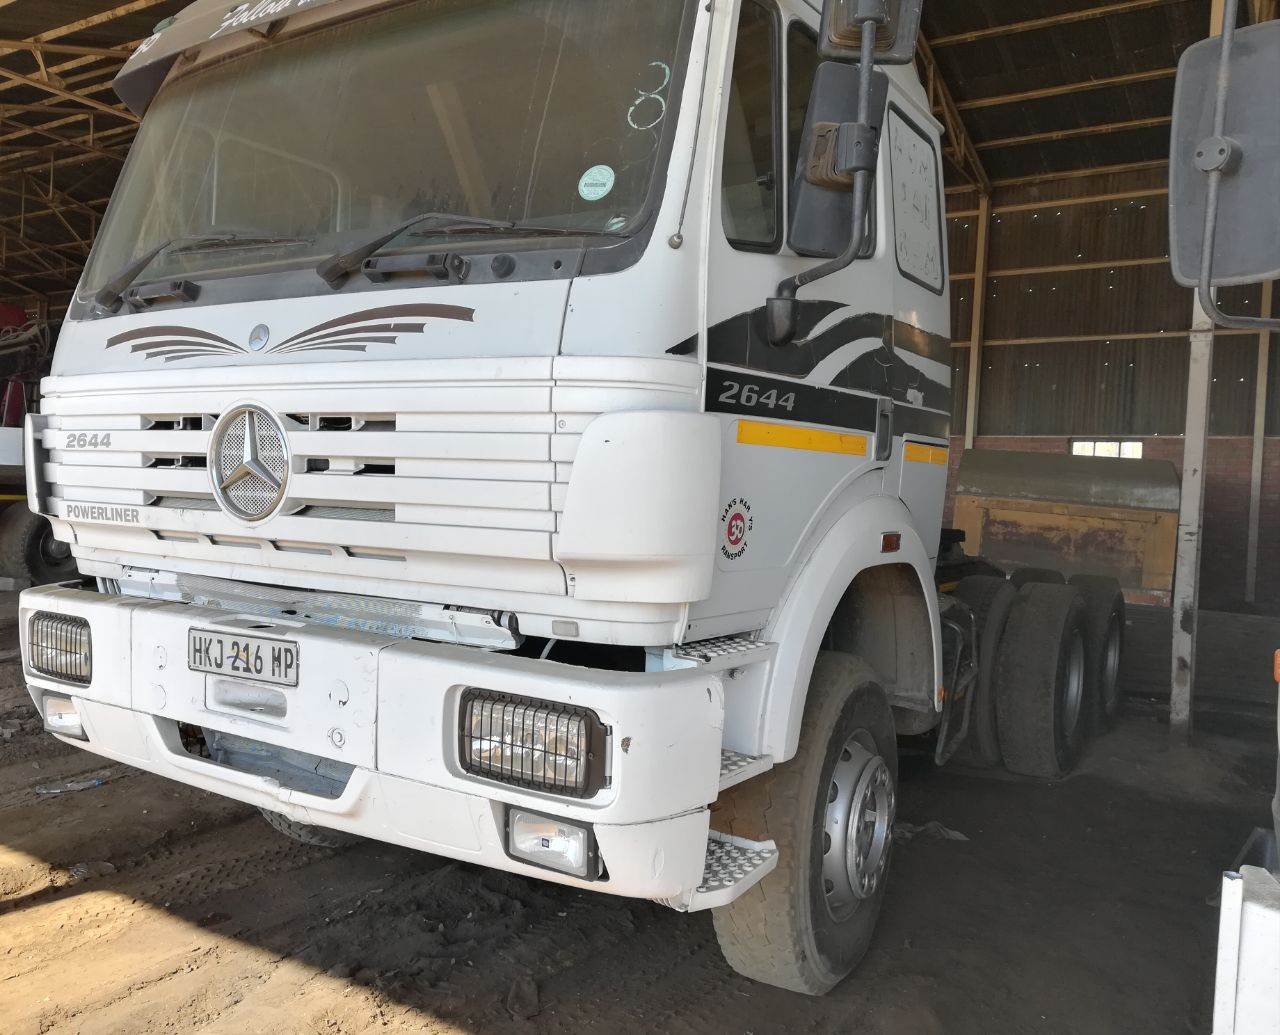 Mercedes Benz 2644 Powerliner 6x4 Truck Tractor!